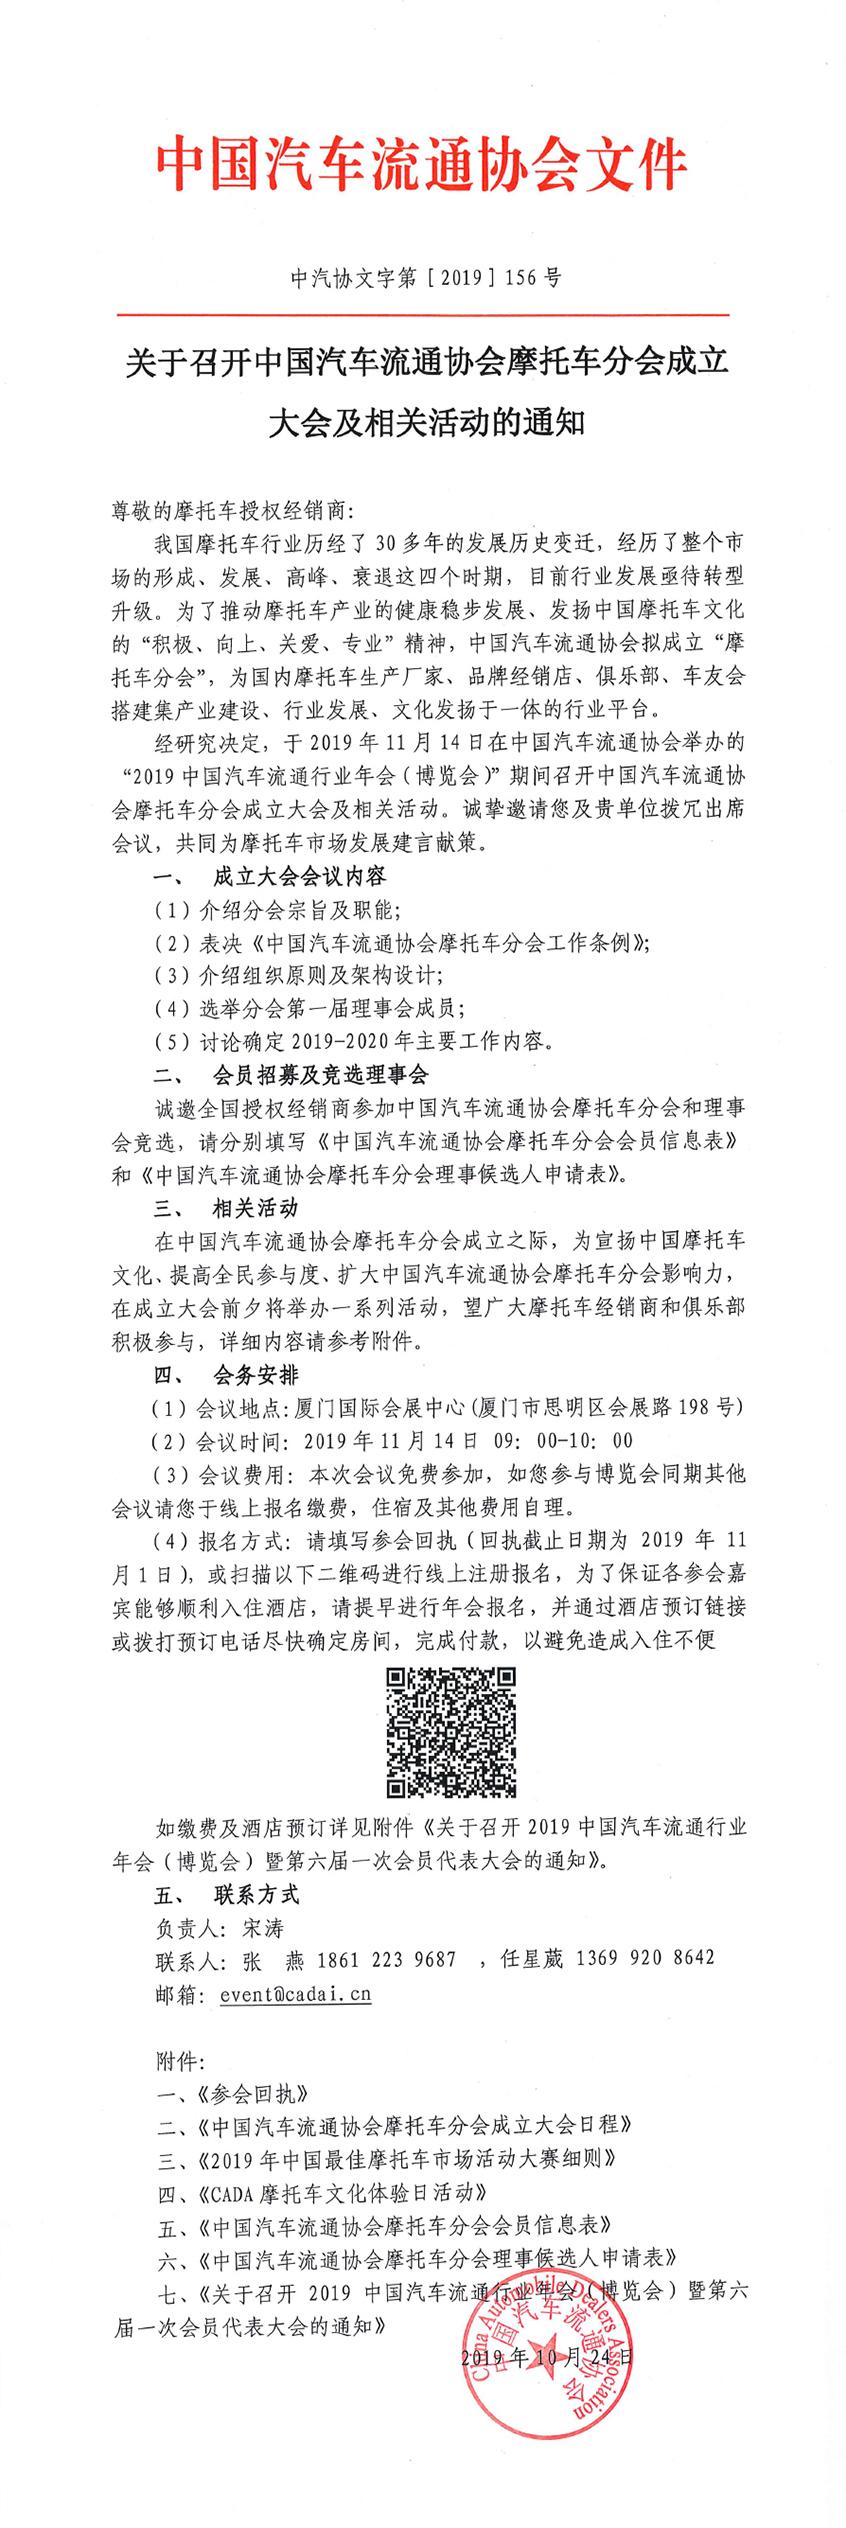 中国汽车流通协会摩托车分会